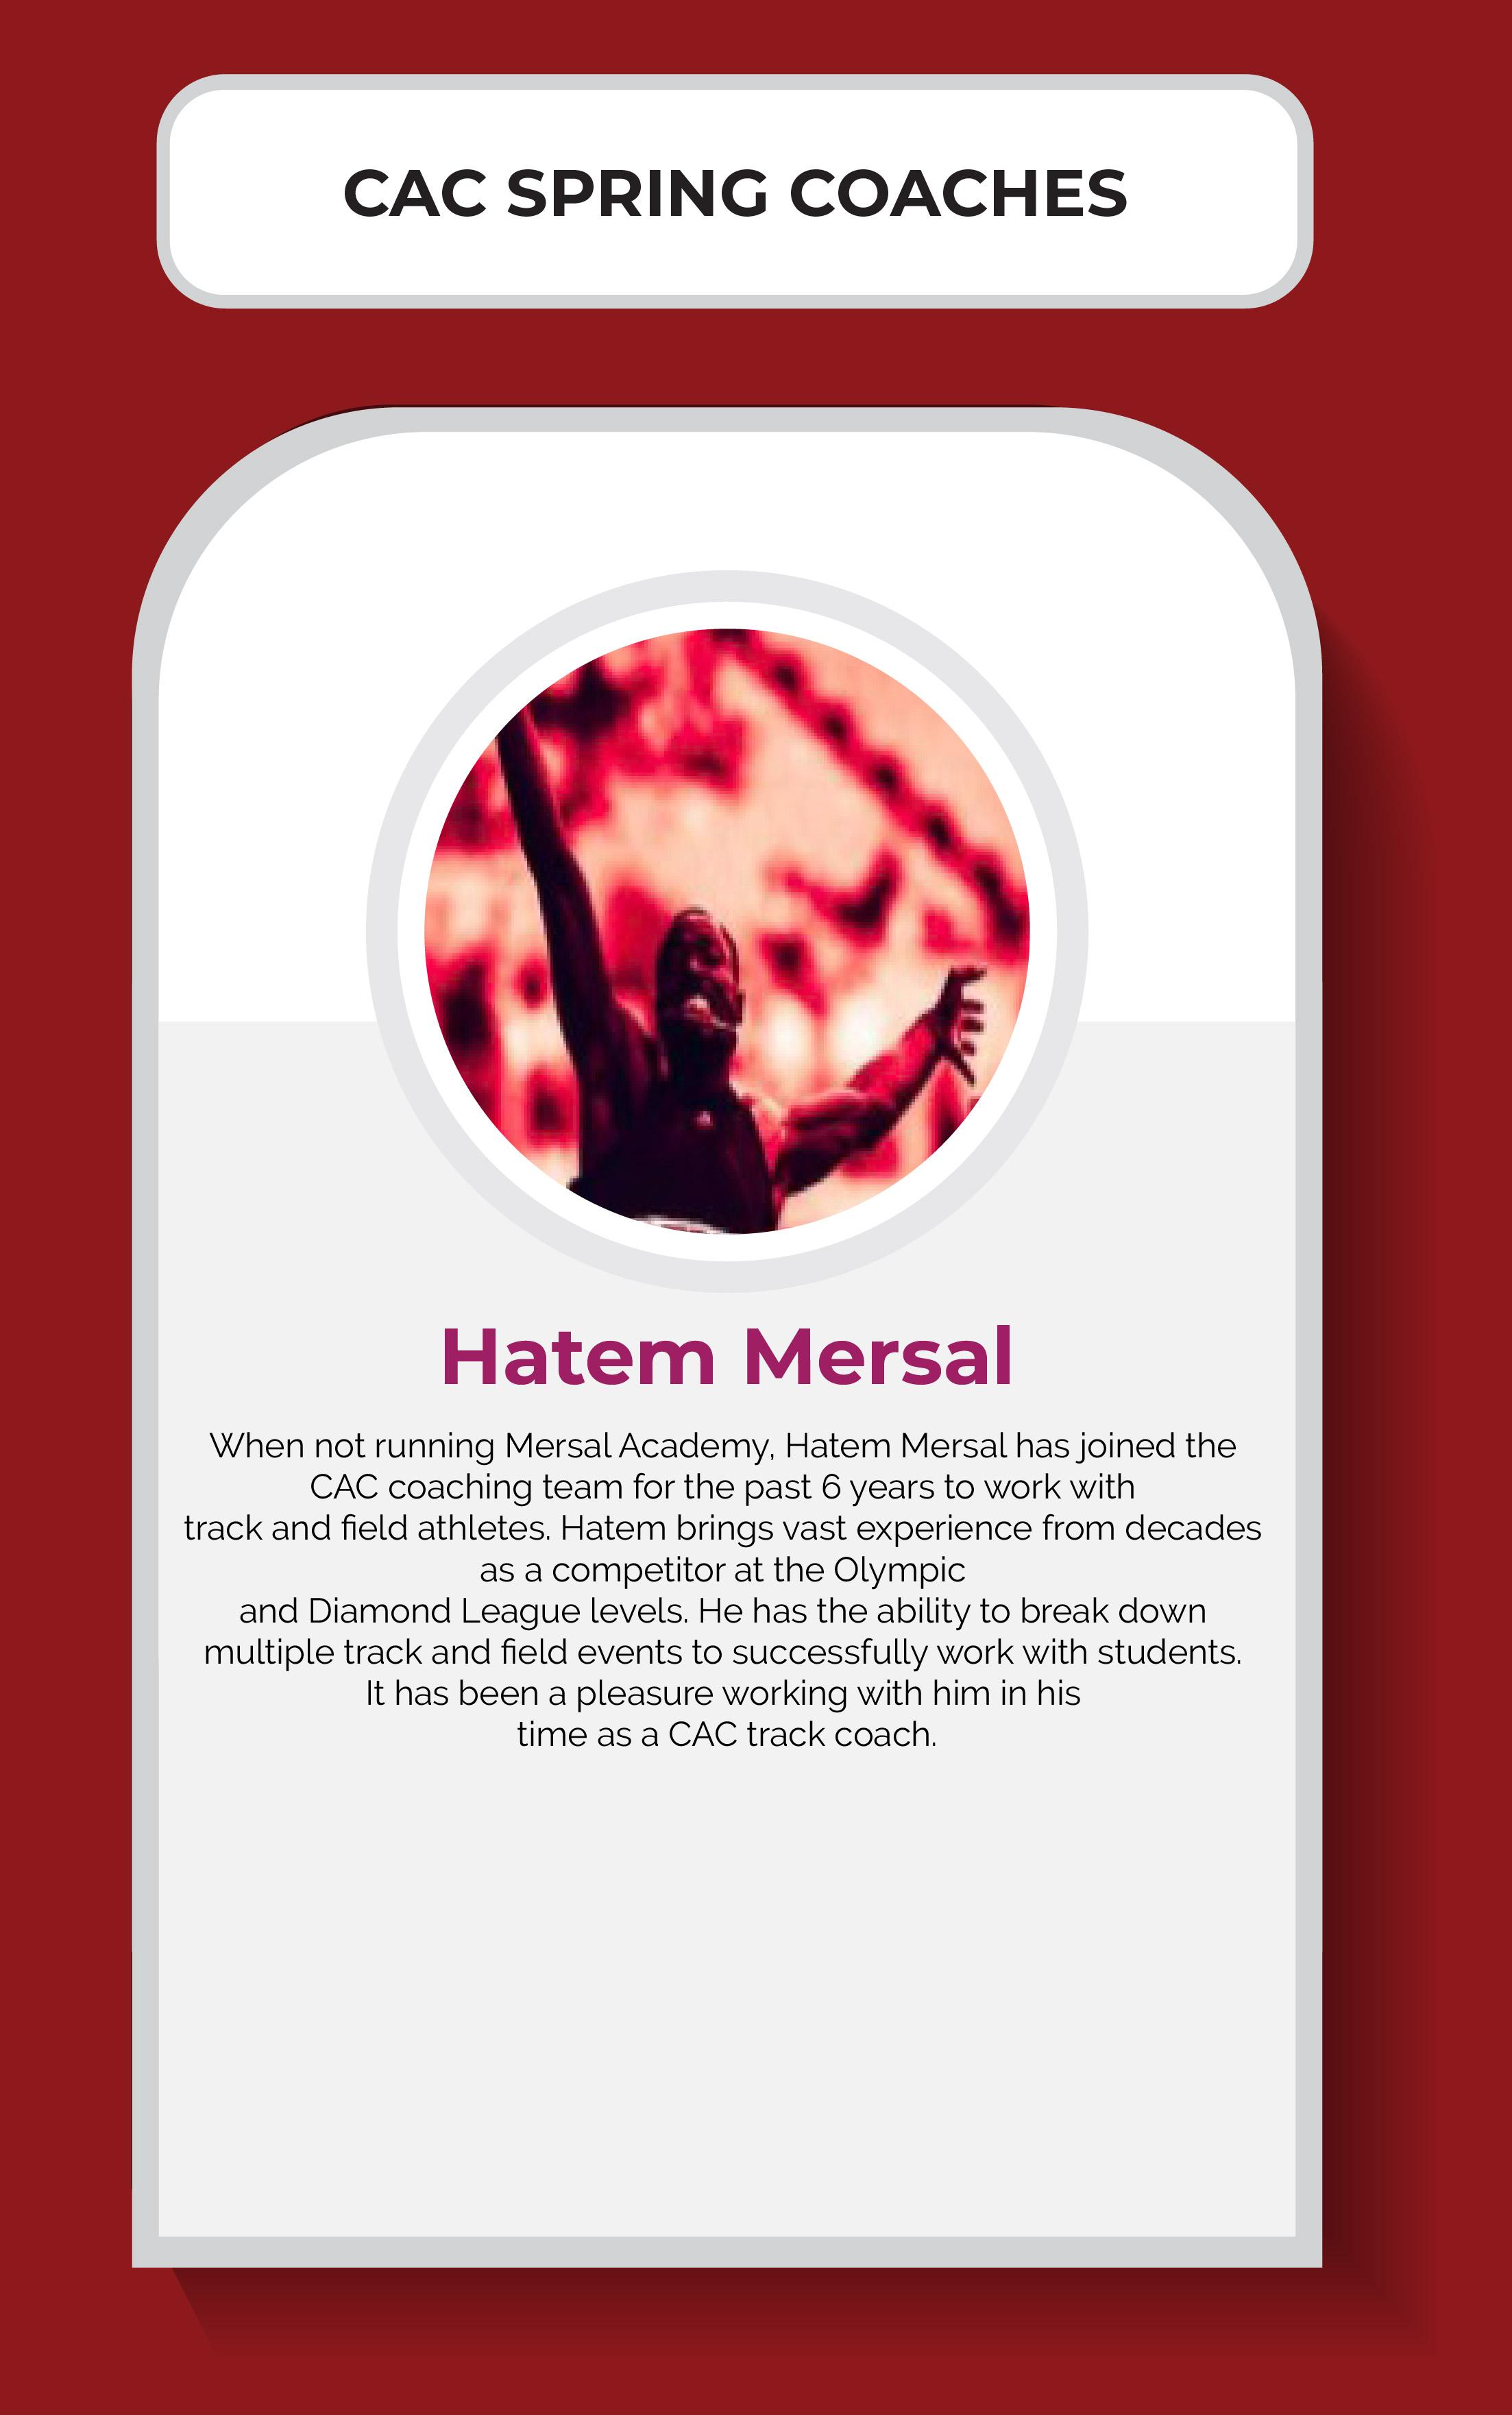 HatemMersal-01